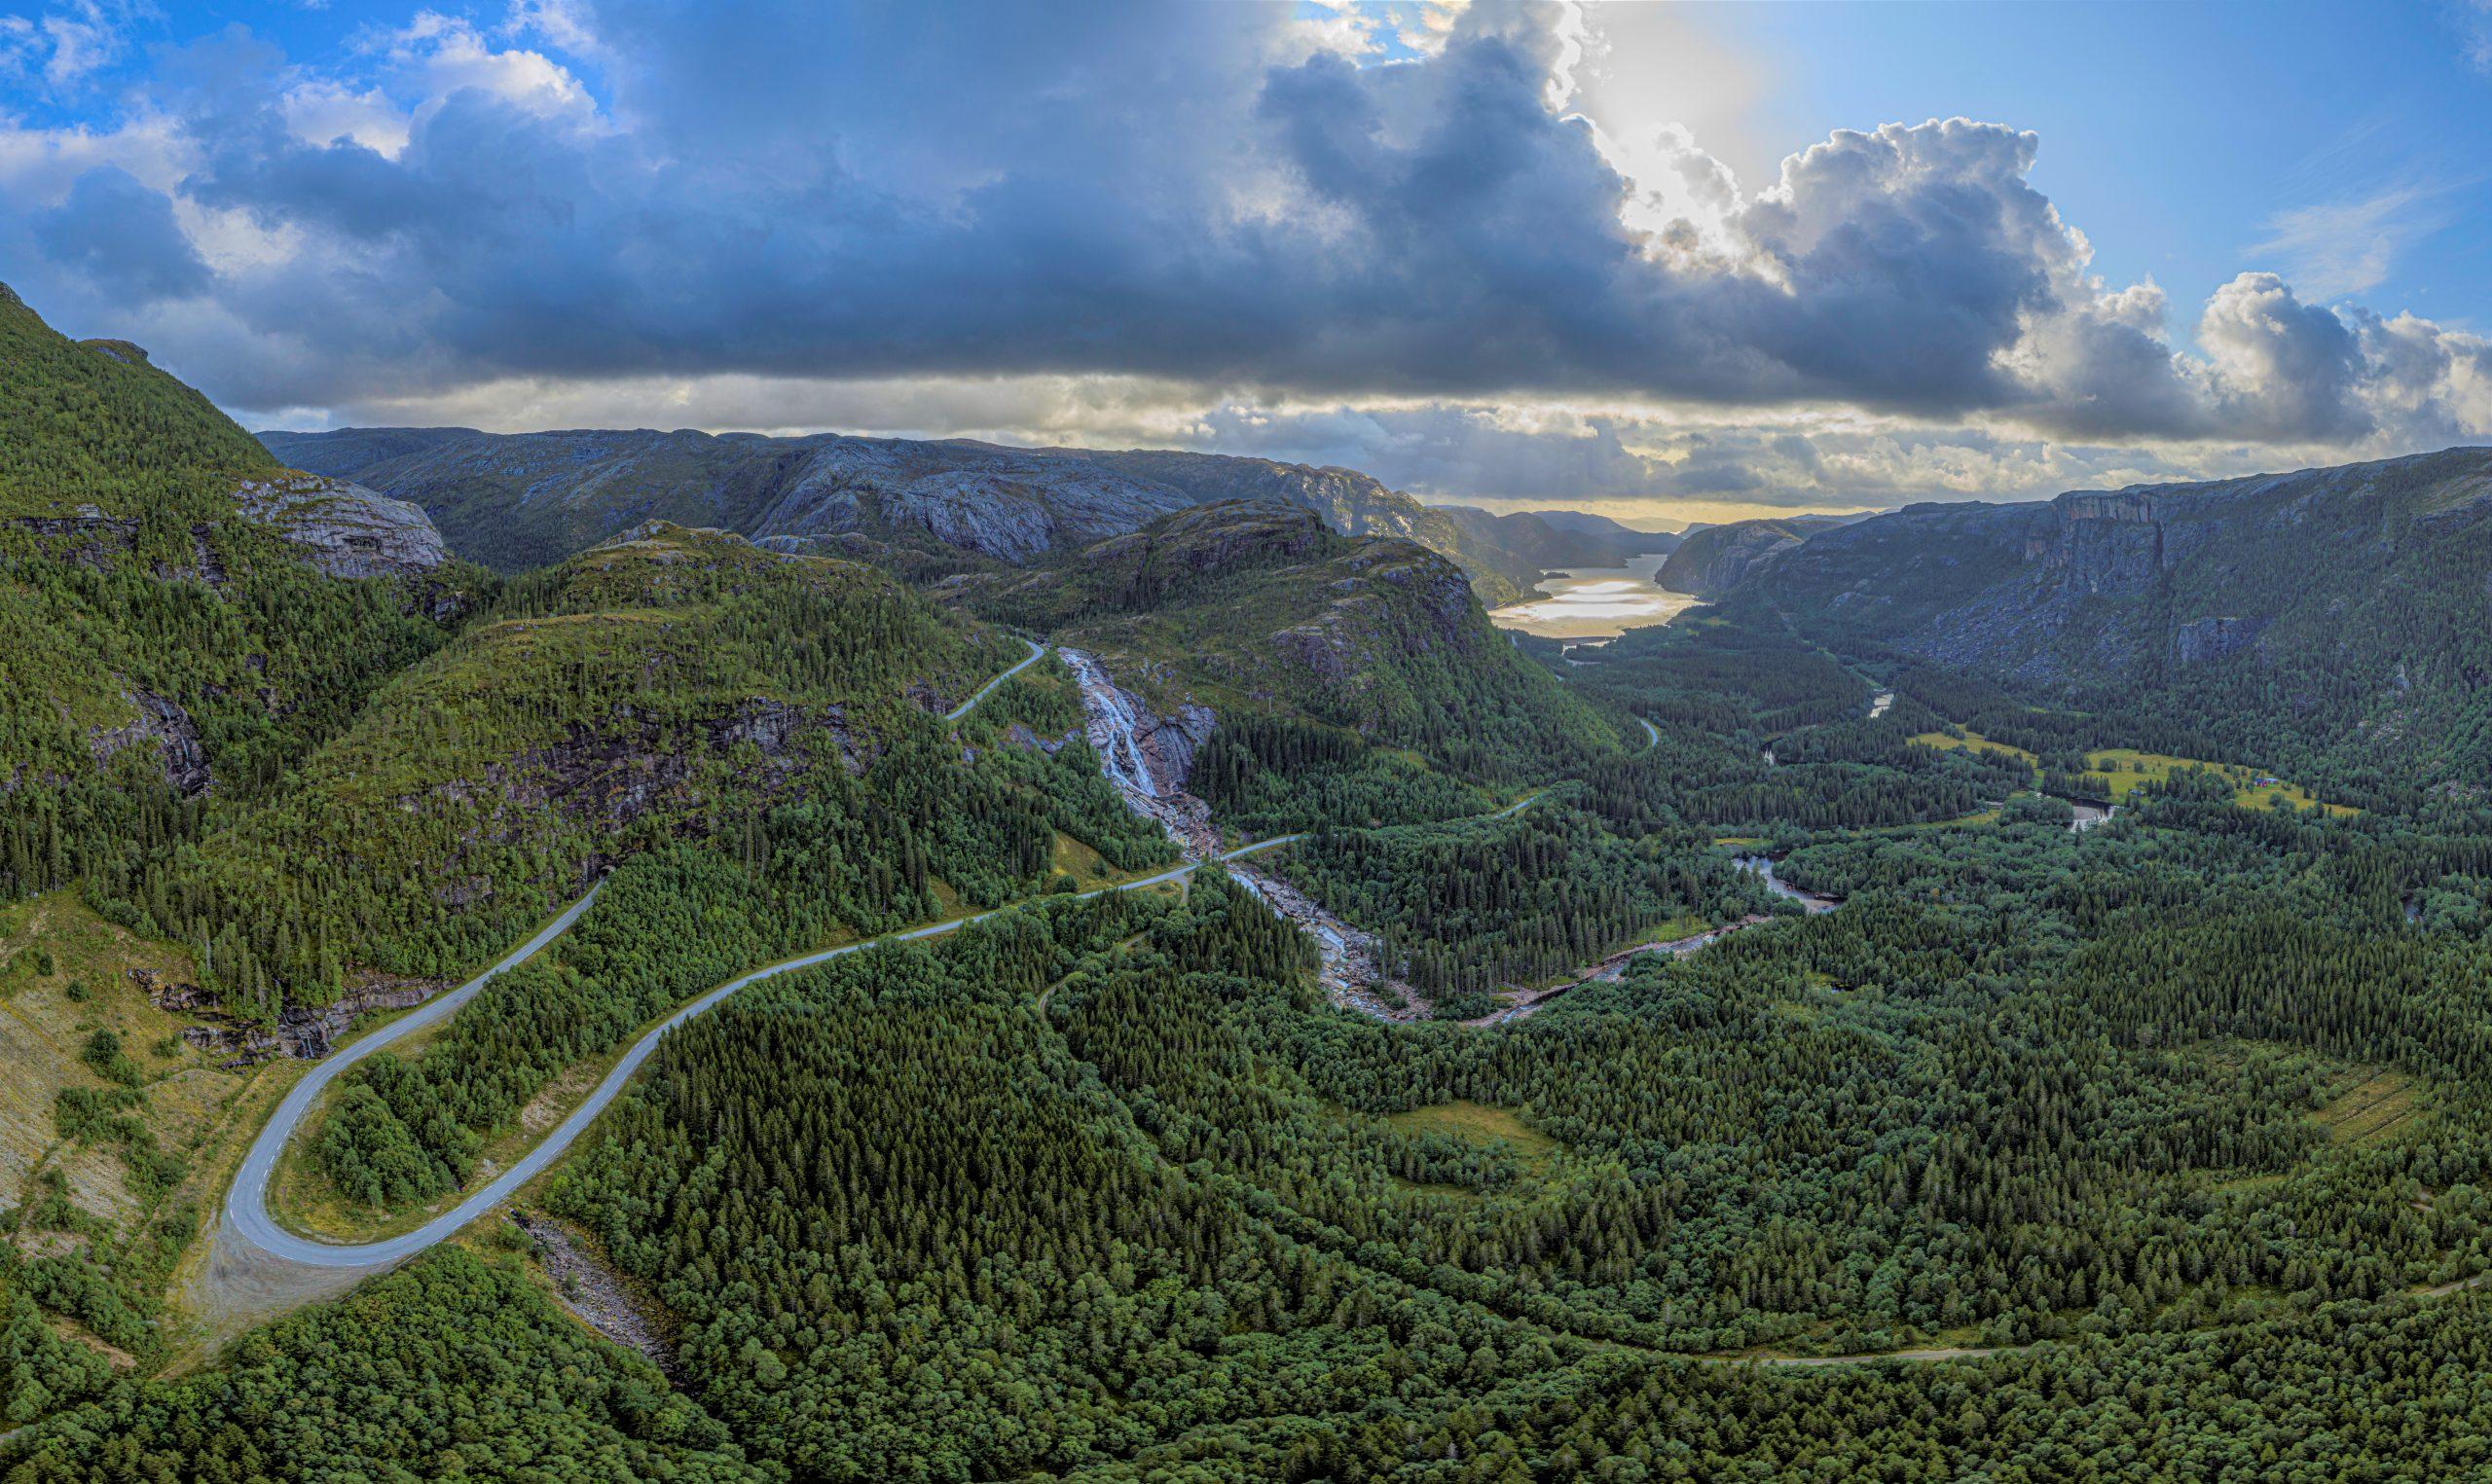 Foto: J. Helmsøy / Kystriksveien Reiseliv